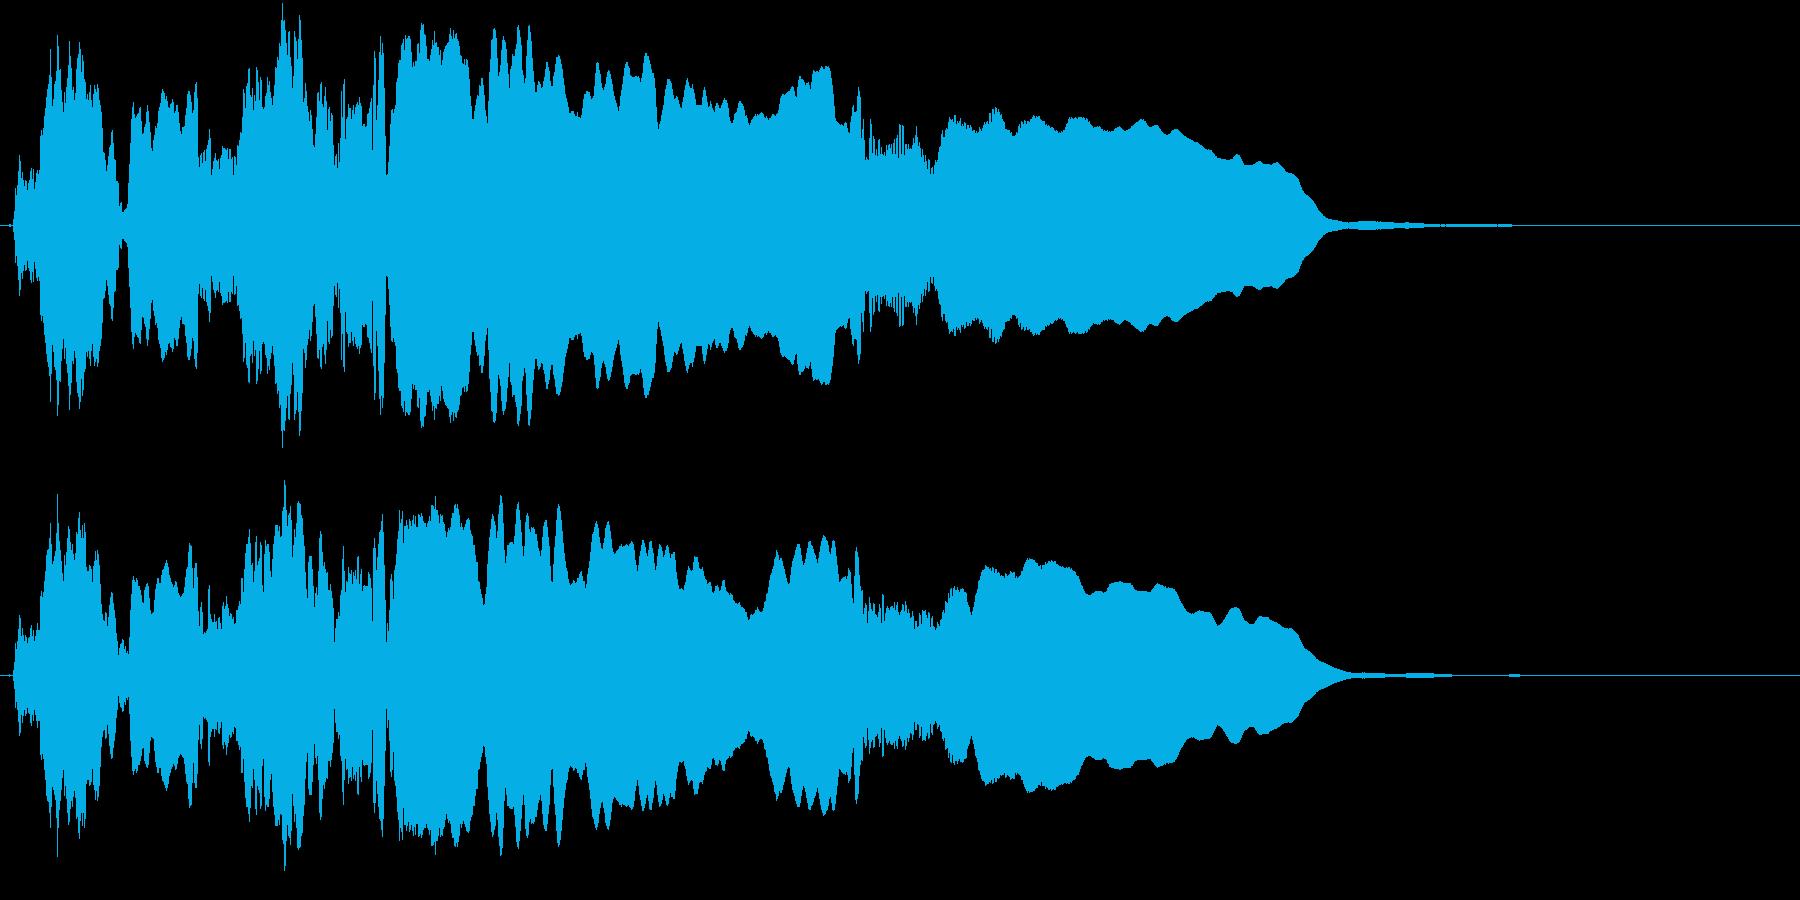 音侍SE「尺八フレーズ1」エニグマ音11の再生済みの波形